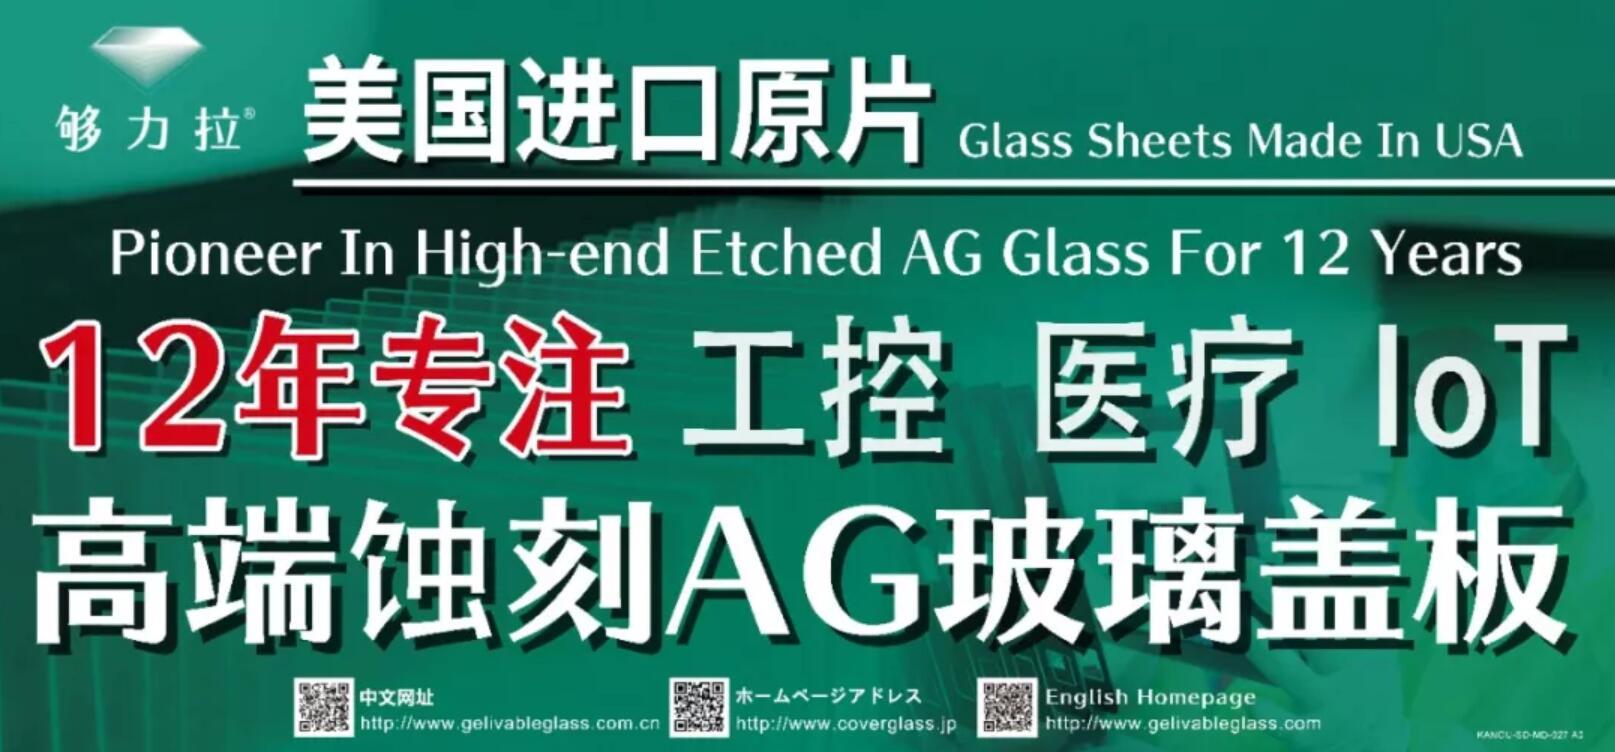 够力拉|掌握AG玻璃盖板核心技术